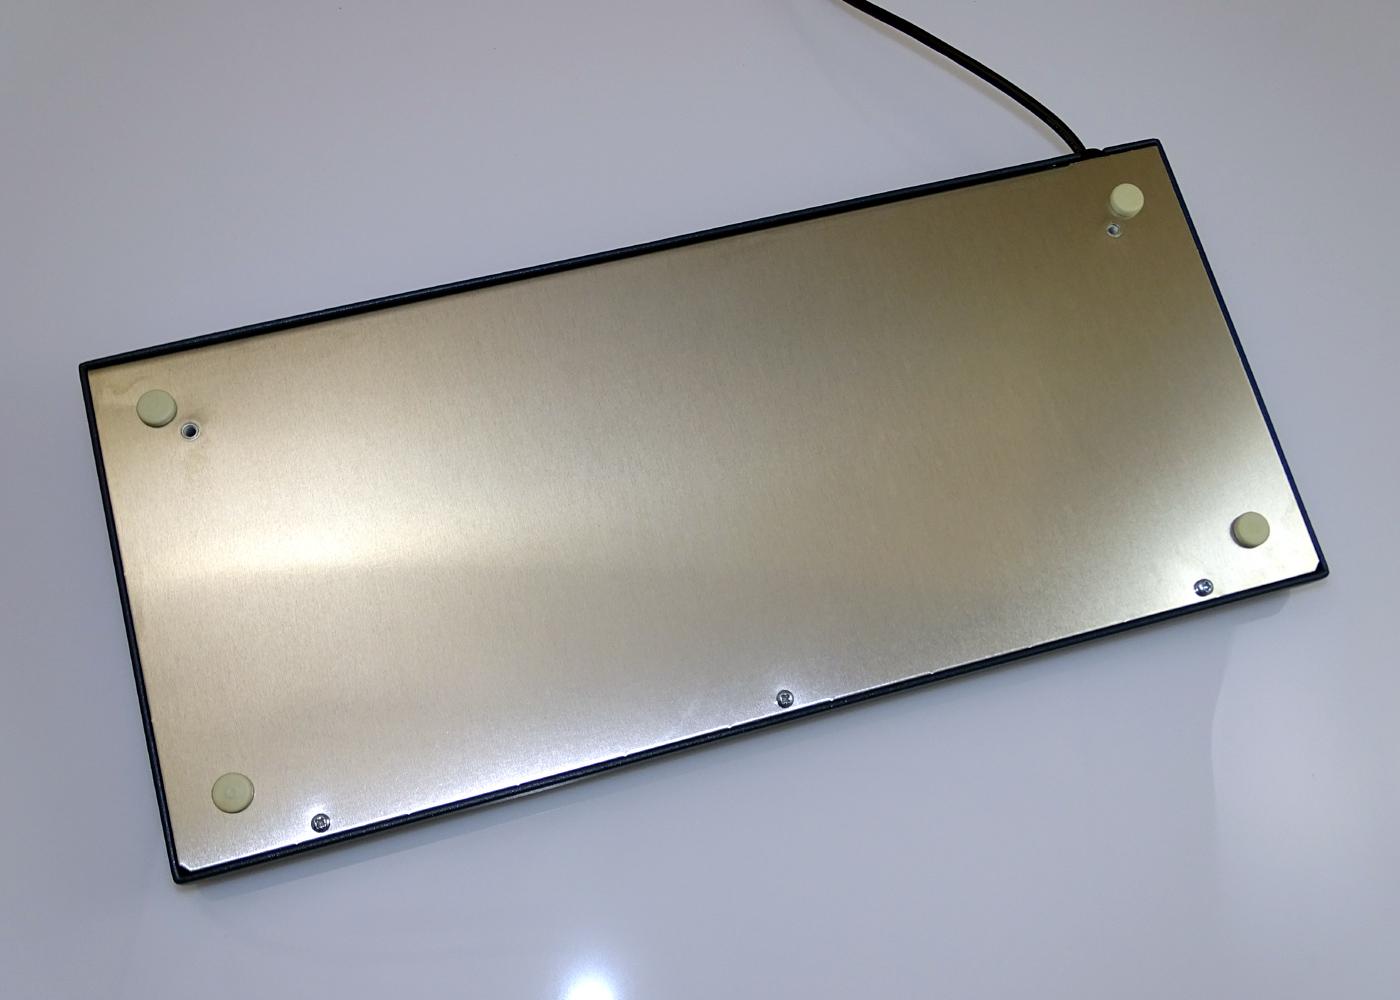 Clavier industriel 105 touches en boitier de table – Vue arrière